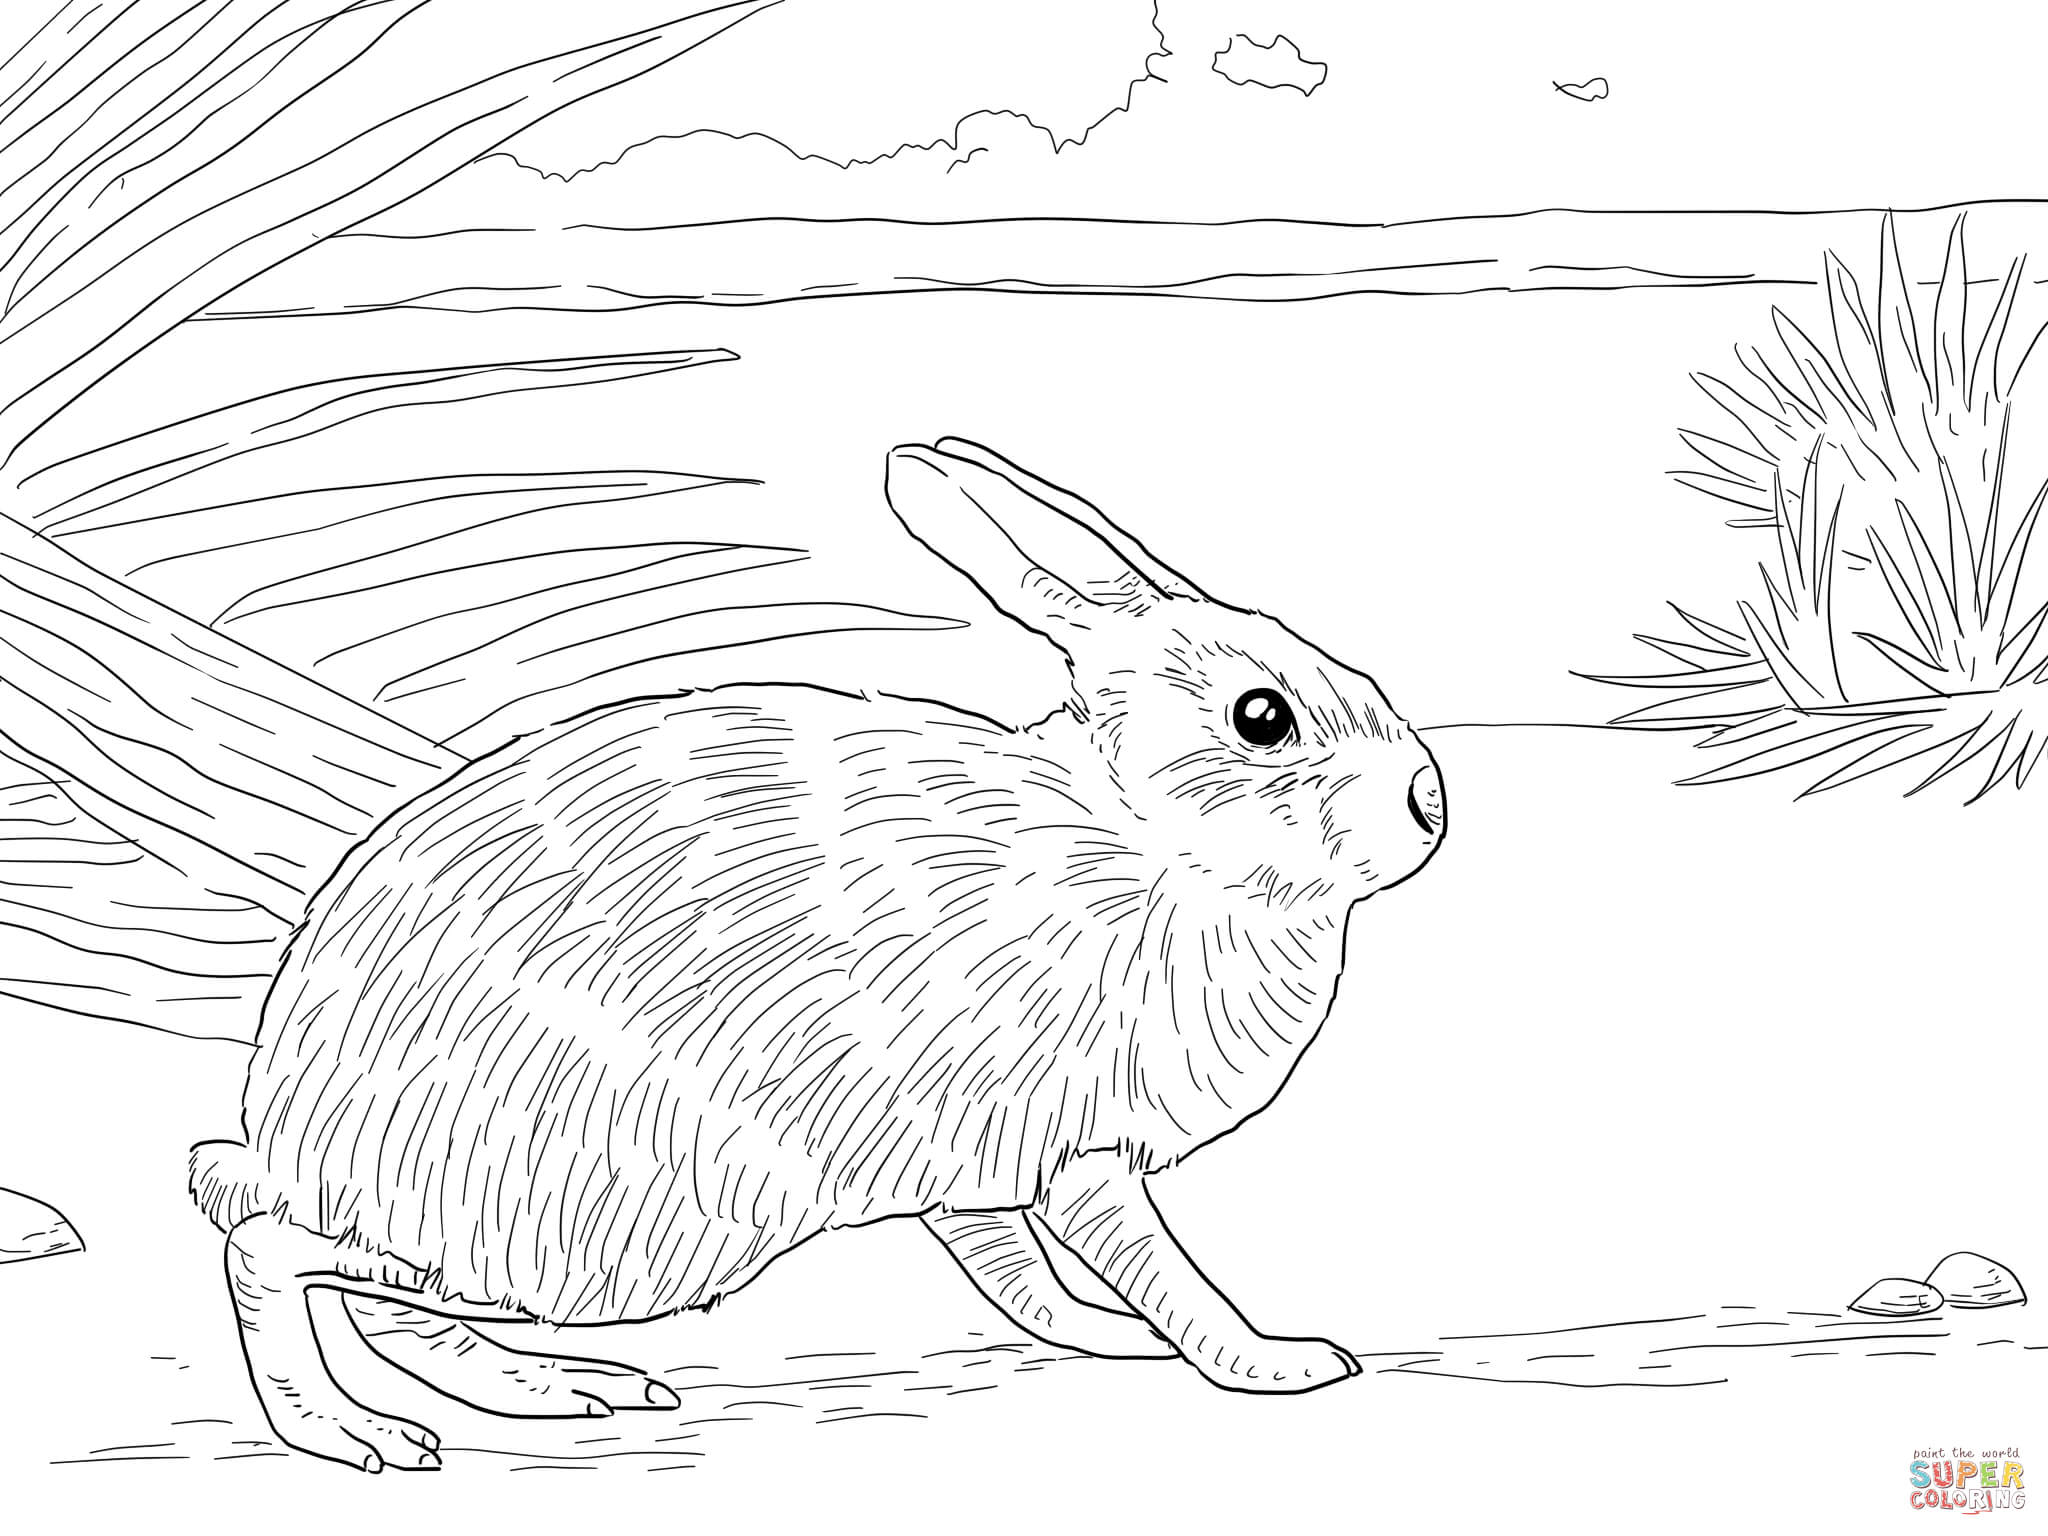 Jack Rabbit Drawing At Getdrawings